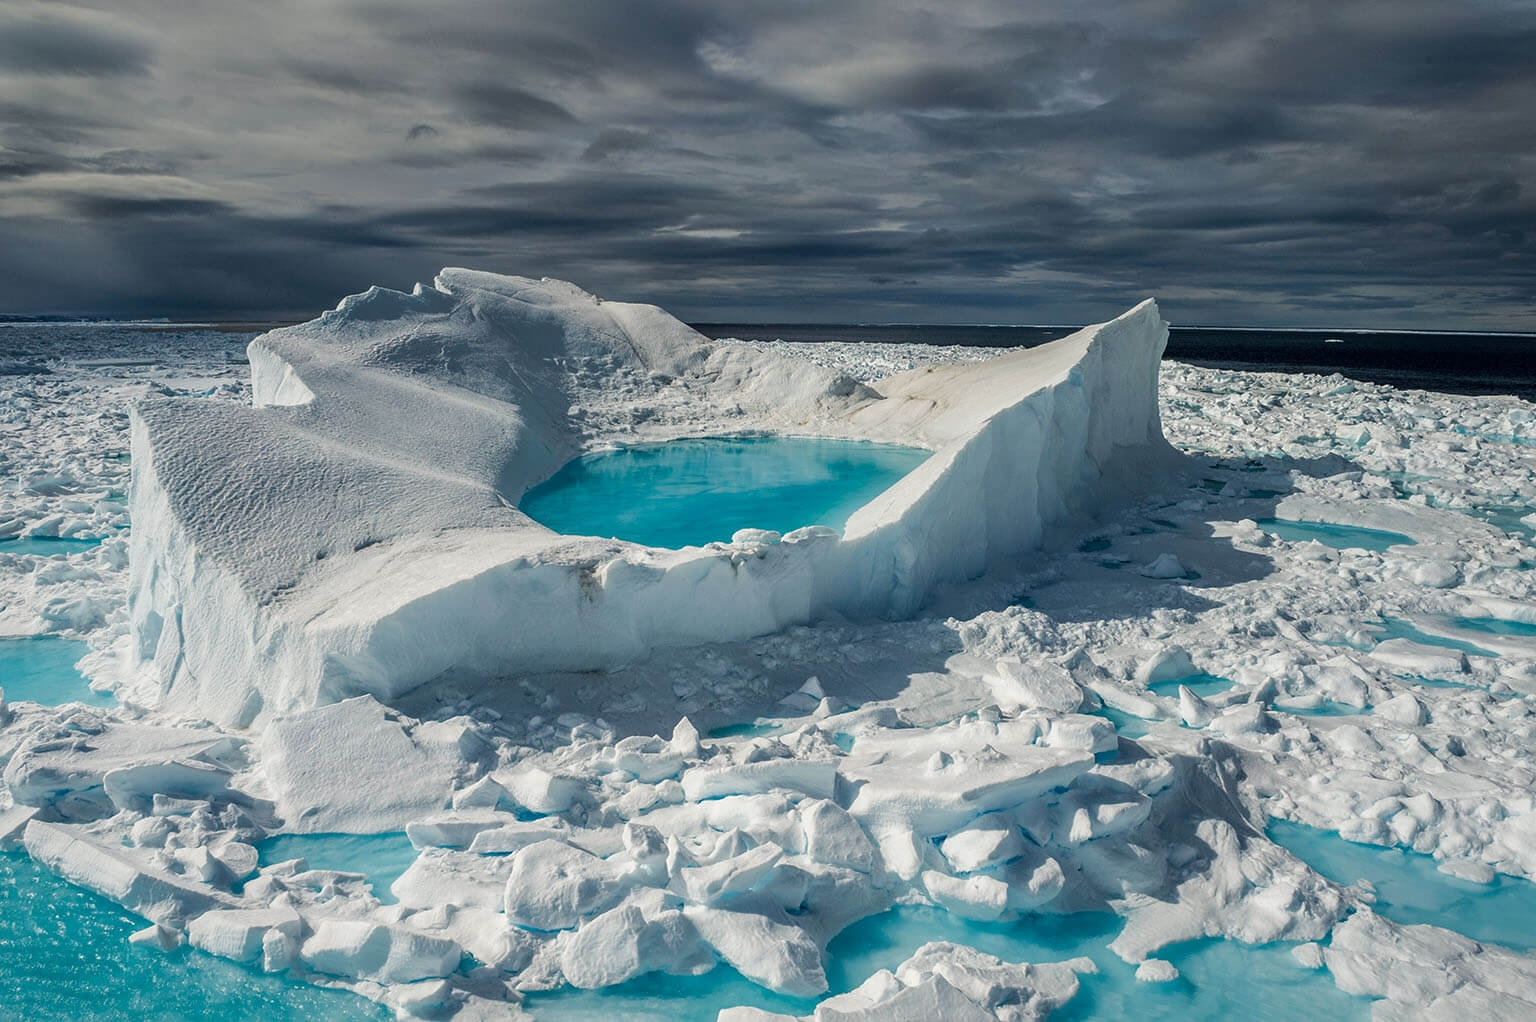 6月的陽光讓加拿大巴芬島北部沿海的冰與雪化為清澈碧綠的池塘。北極多年海冰(在炎熱的夏季也不融化的冰)的面積已經大幅縮減。BRIAN SKERRY